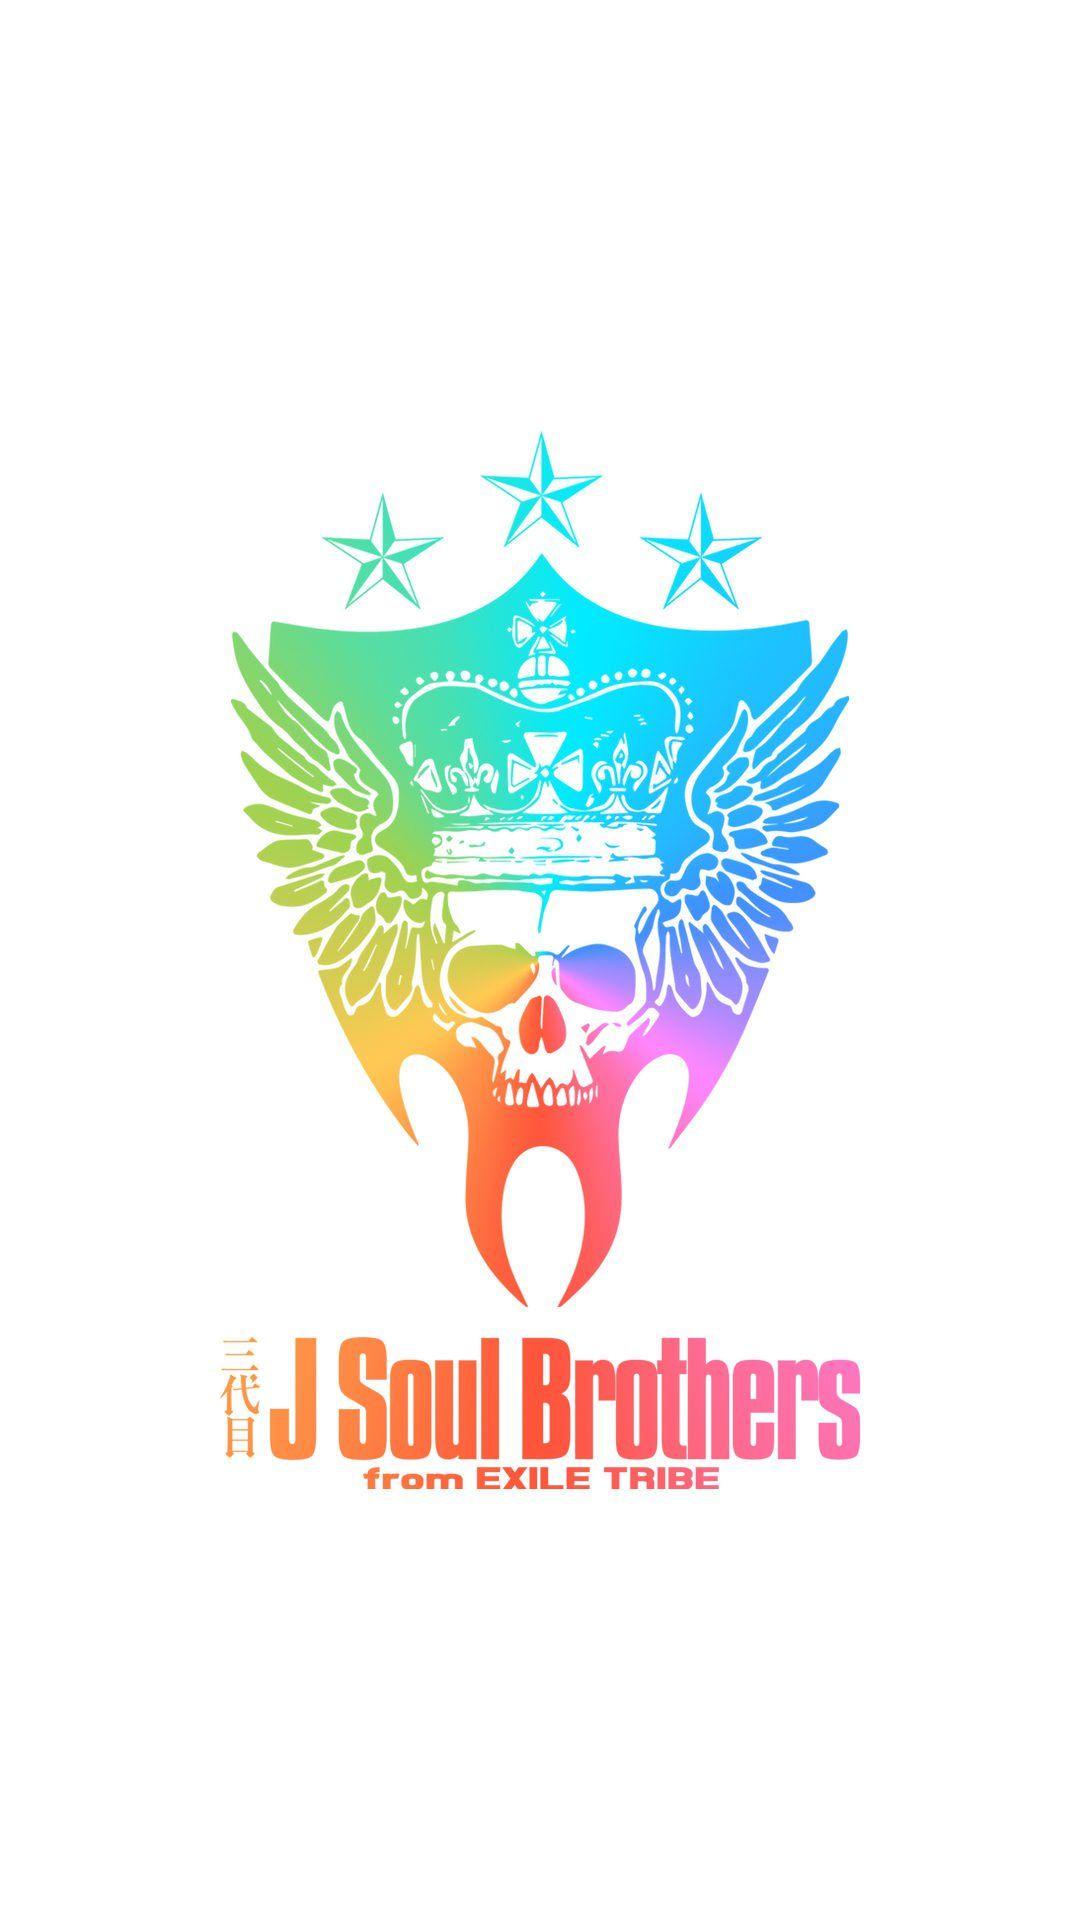 三代目 J Soul Brothers Iphone用 4 スマホ壁紙 Net 三代目j Soul Brothers スマホ壁紙 インテリア 壁紙デザインアイデア